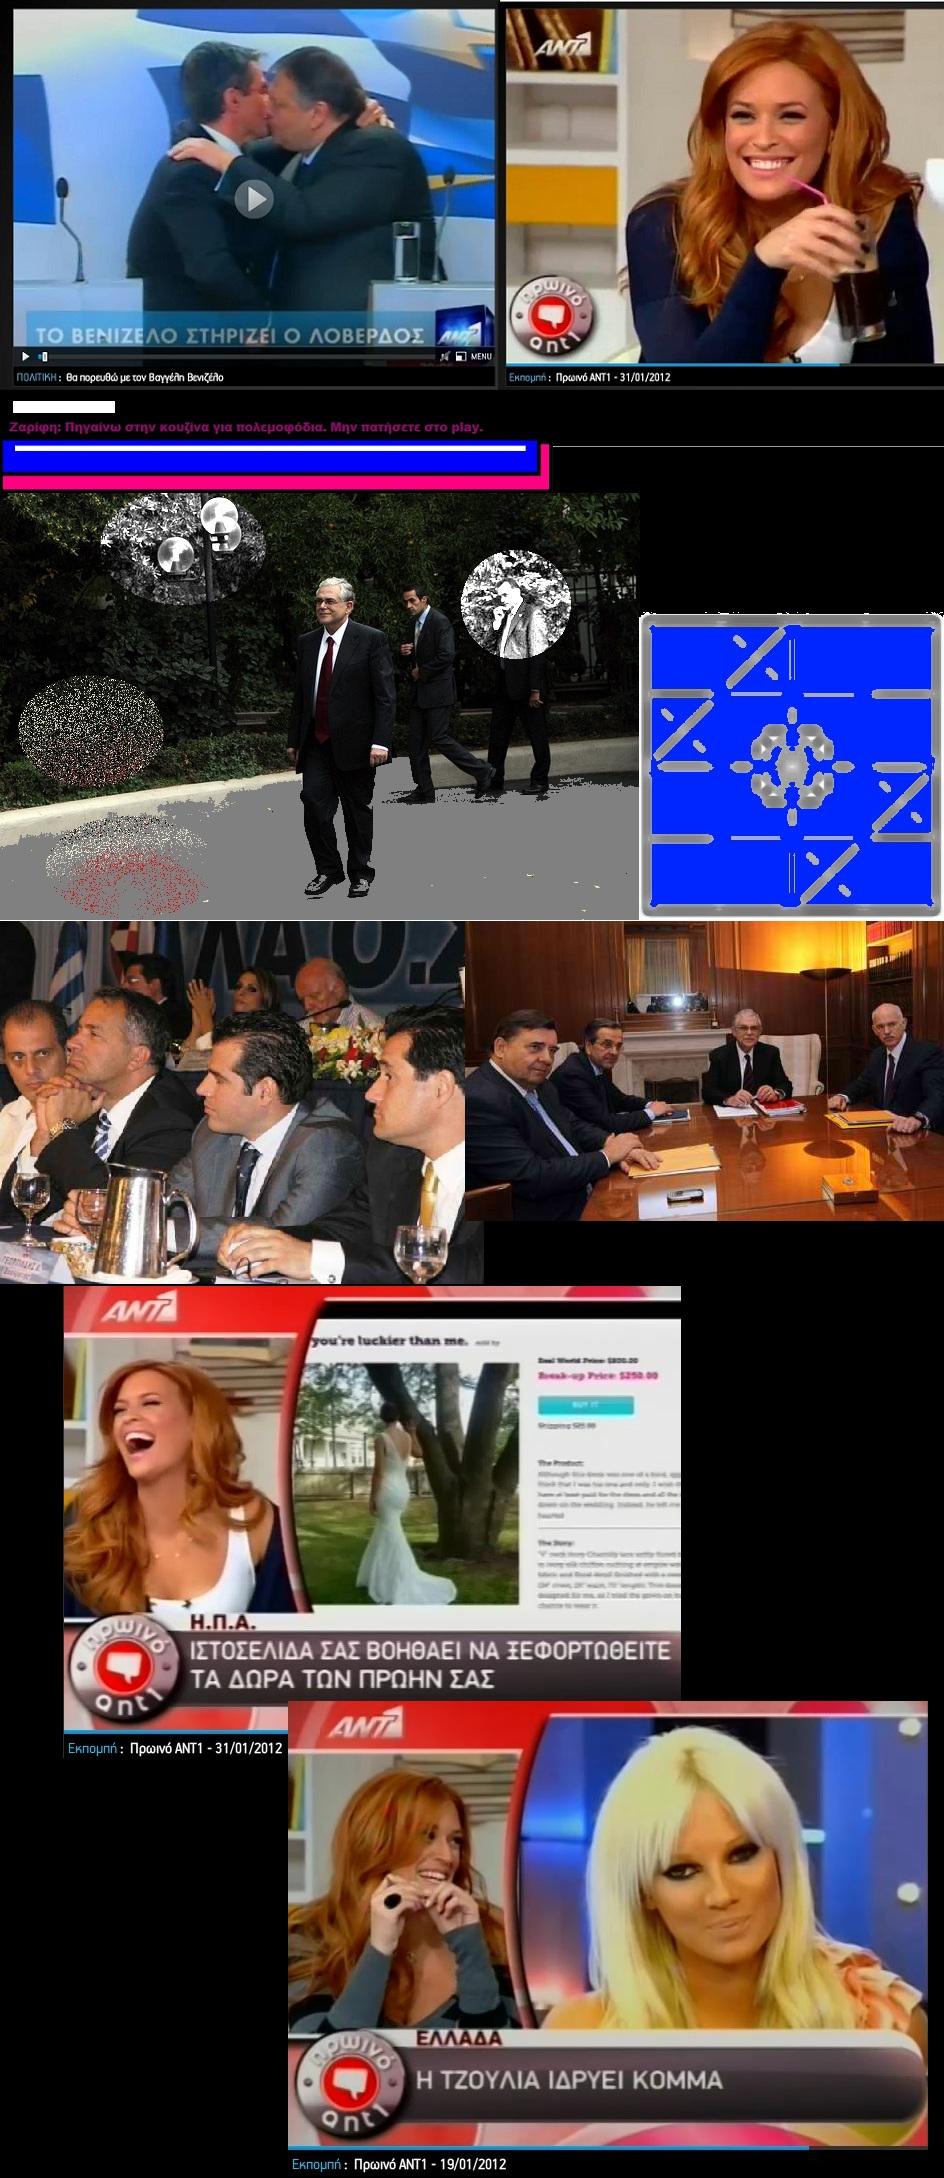 ELLADA_POLITICS_BENIZELOS_LOVERDOS_FILI_05_05 111212